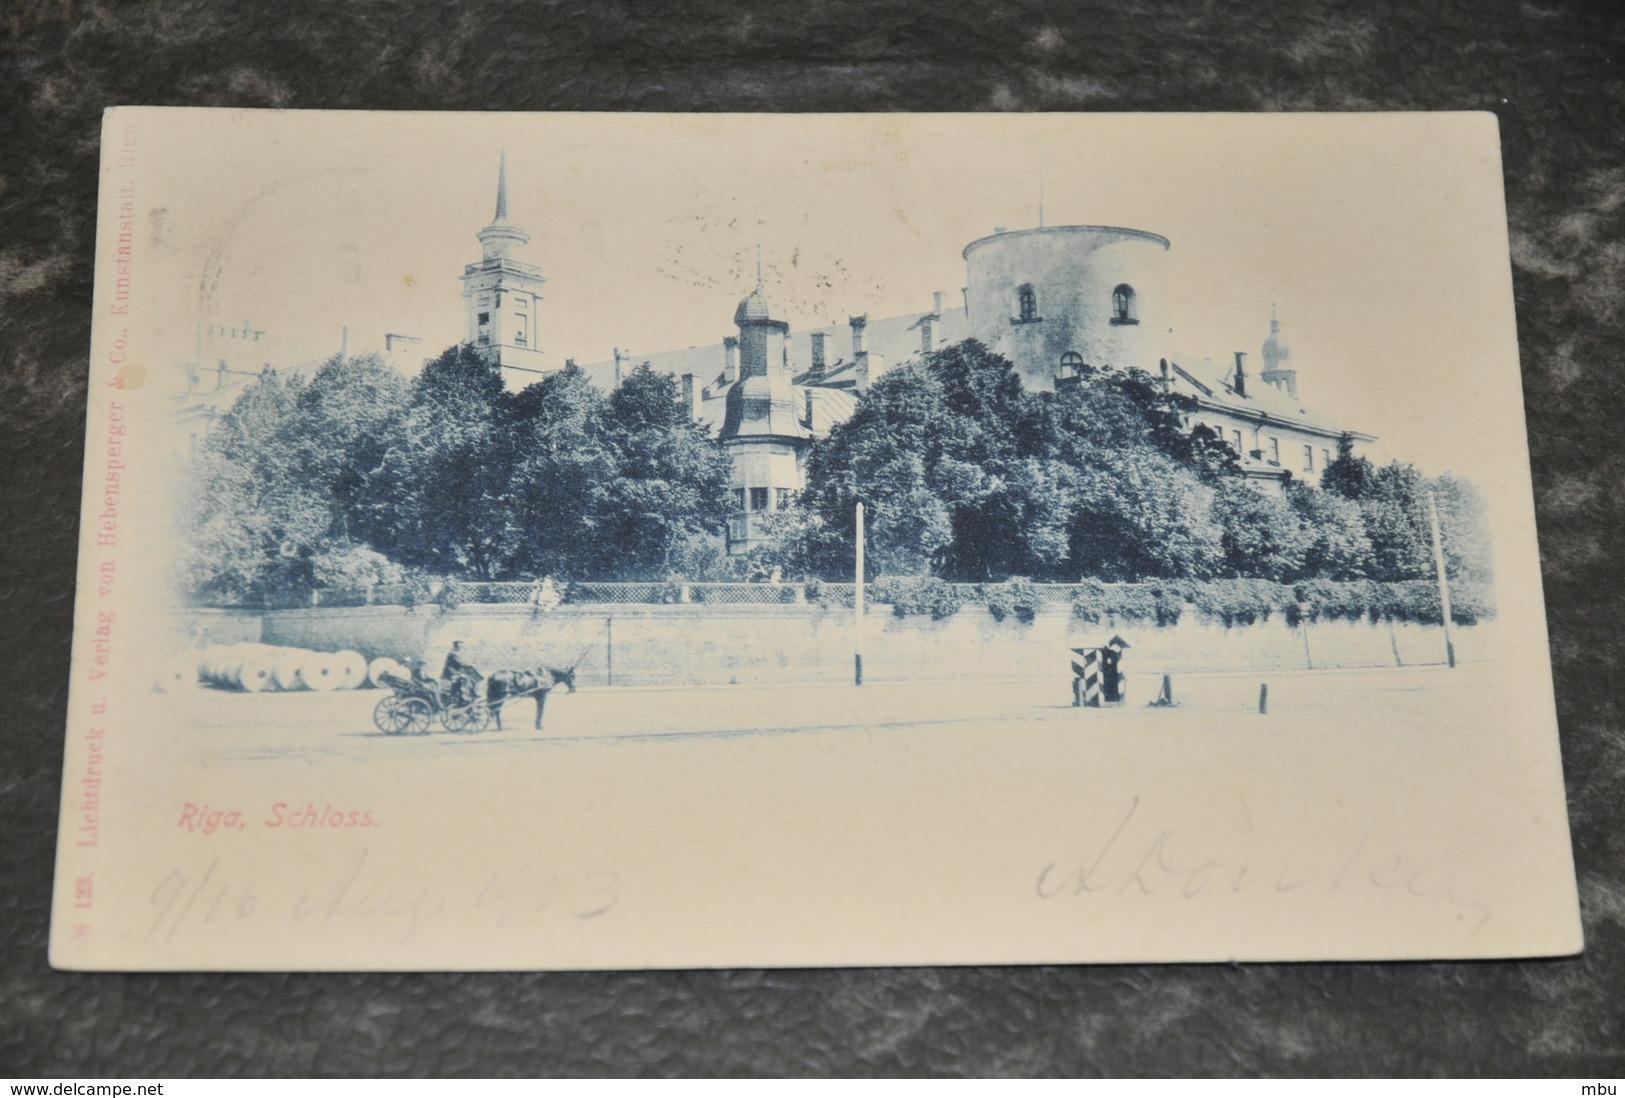 955  Riga, Schloss   1903 - Latvia